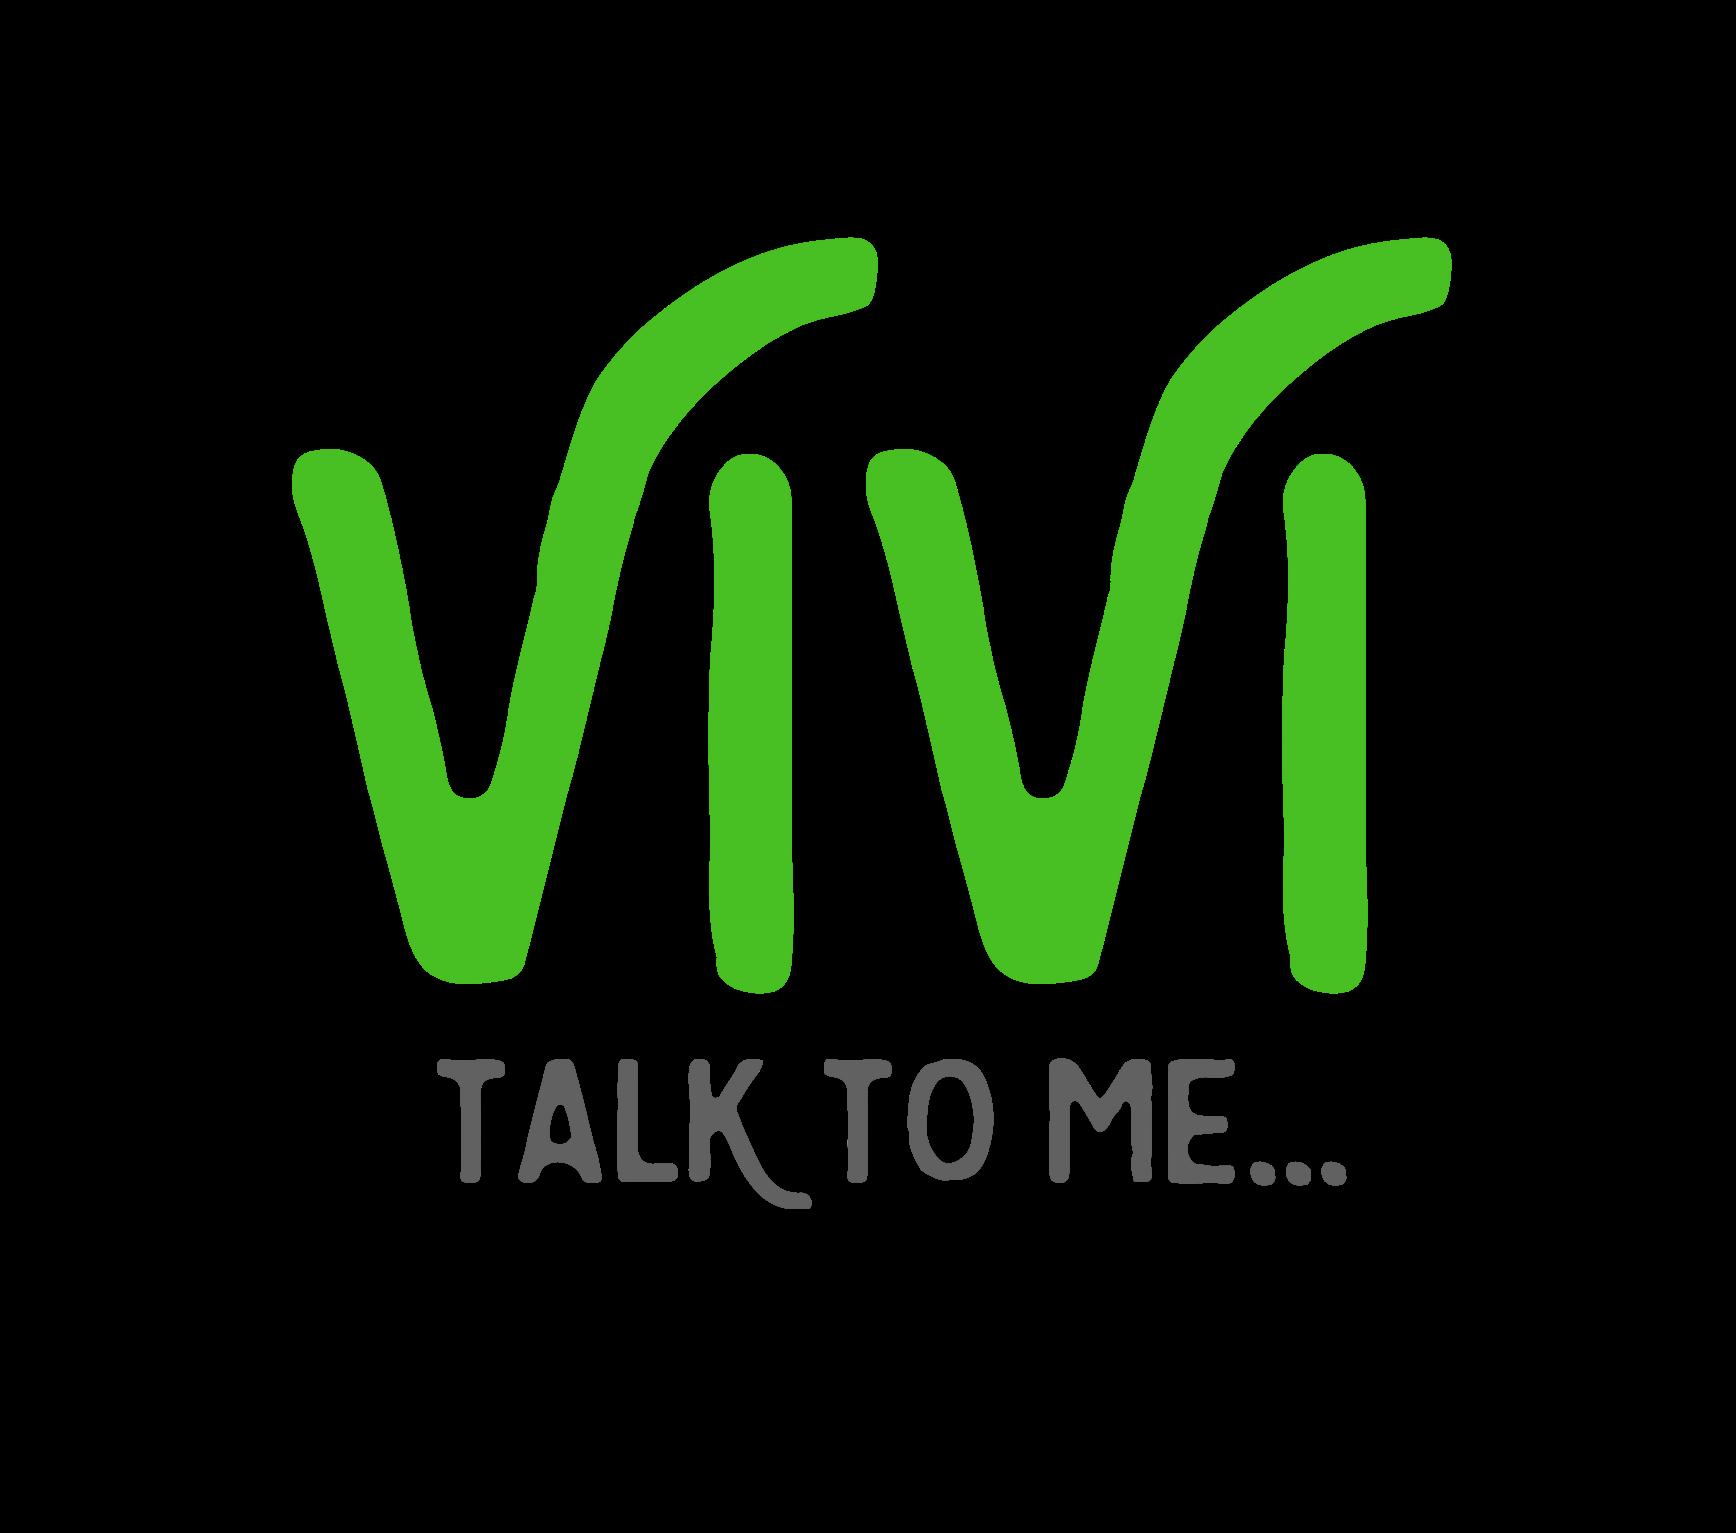 VIVI Logo